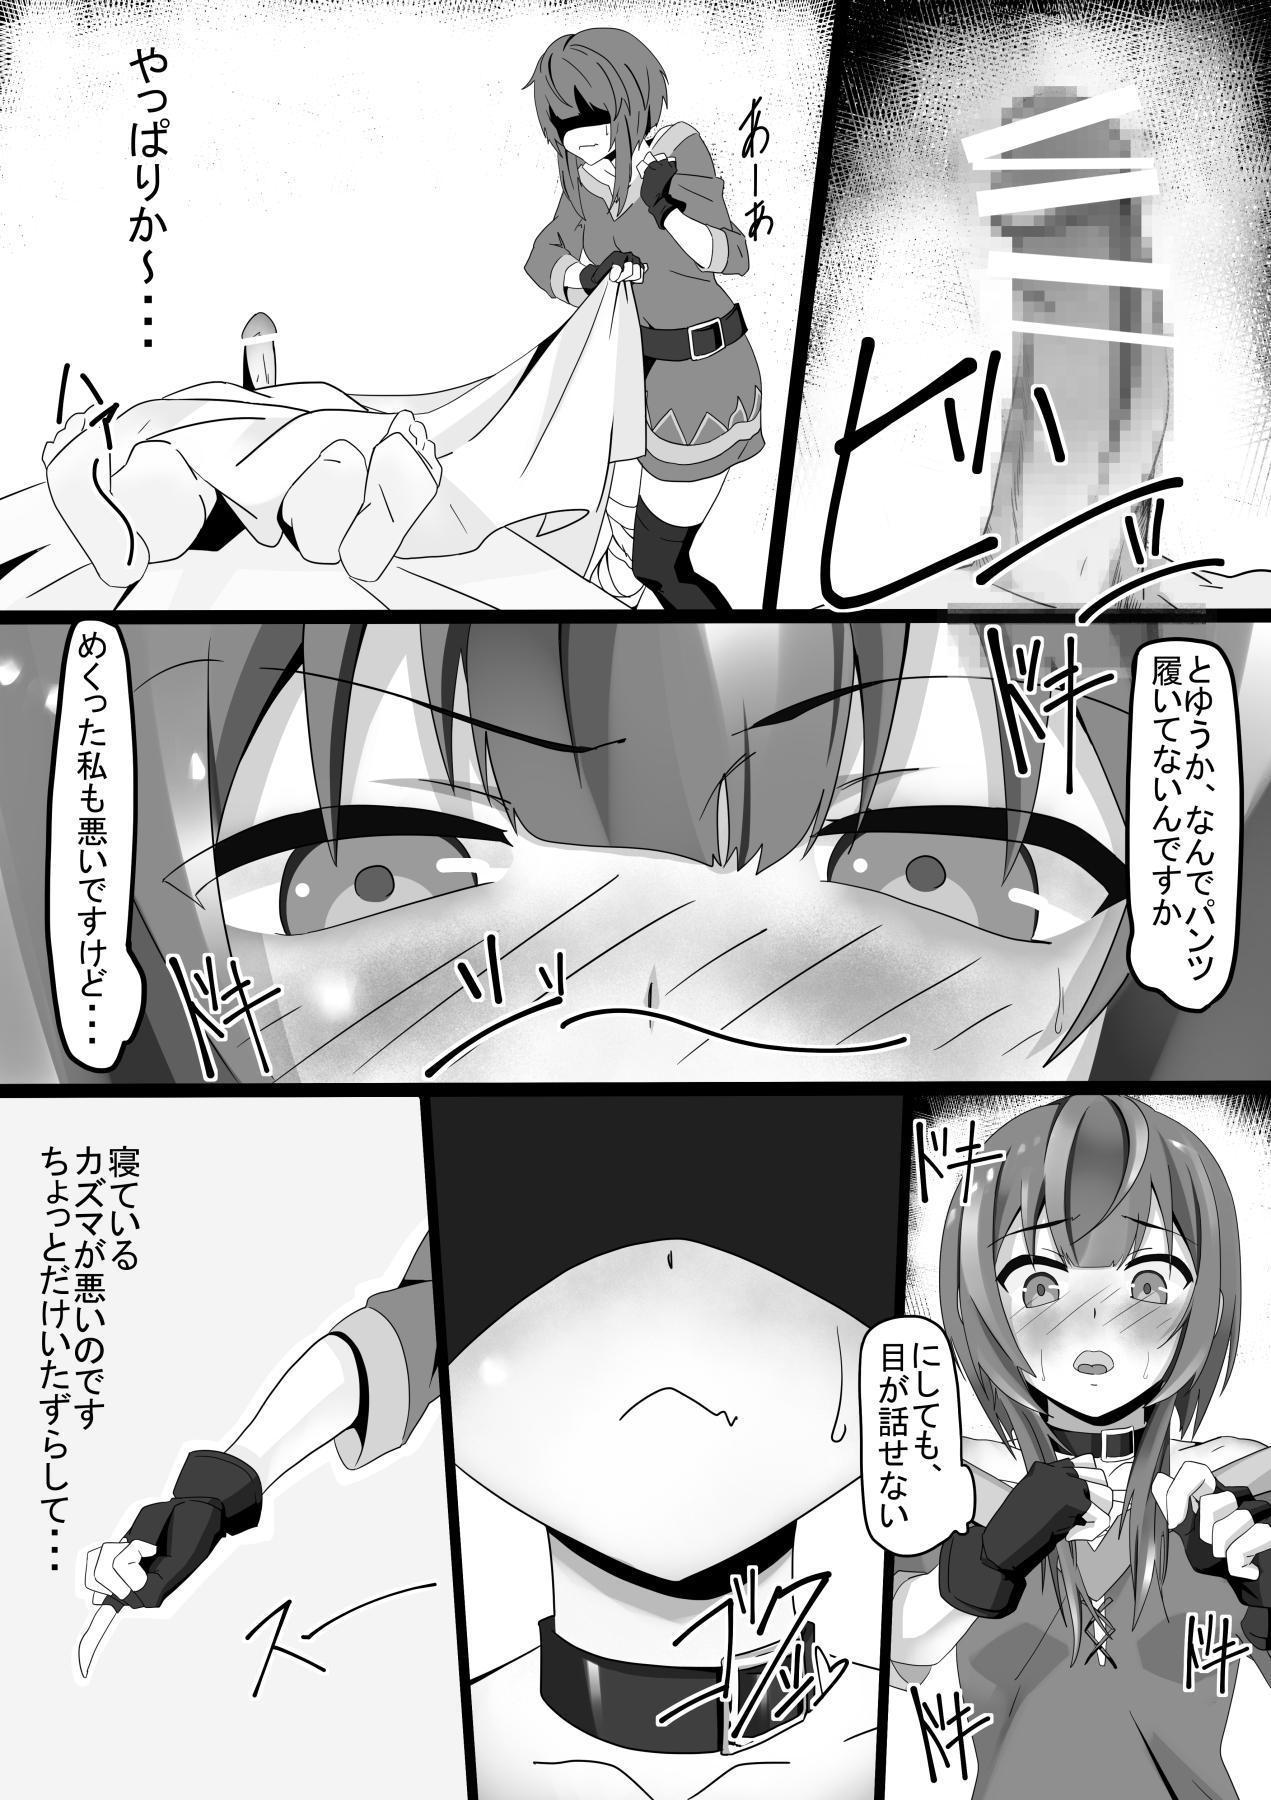 Kono Megumin o! 4